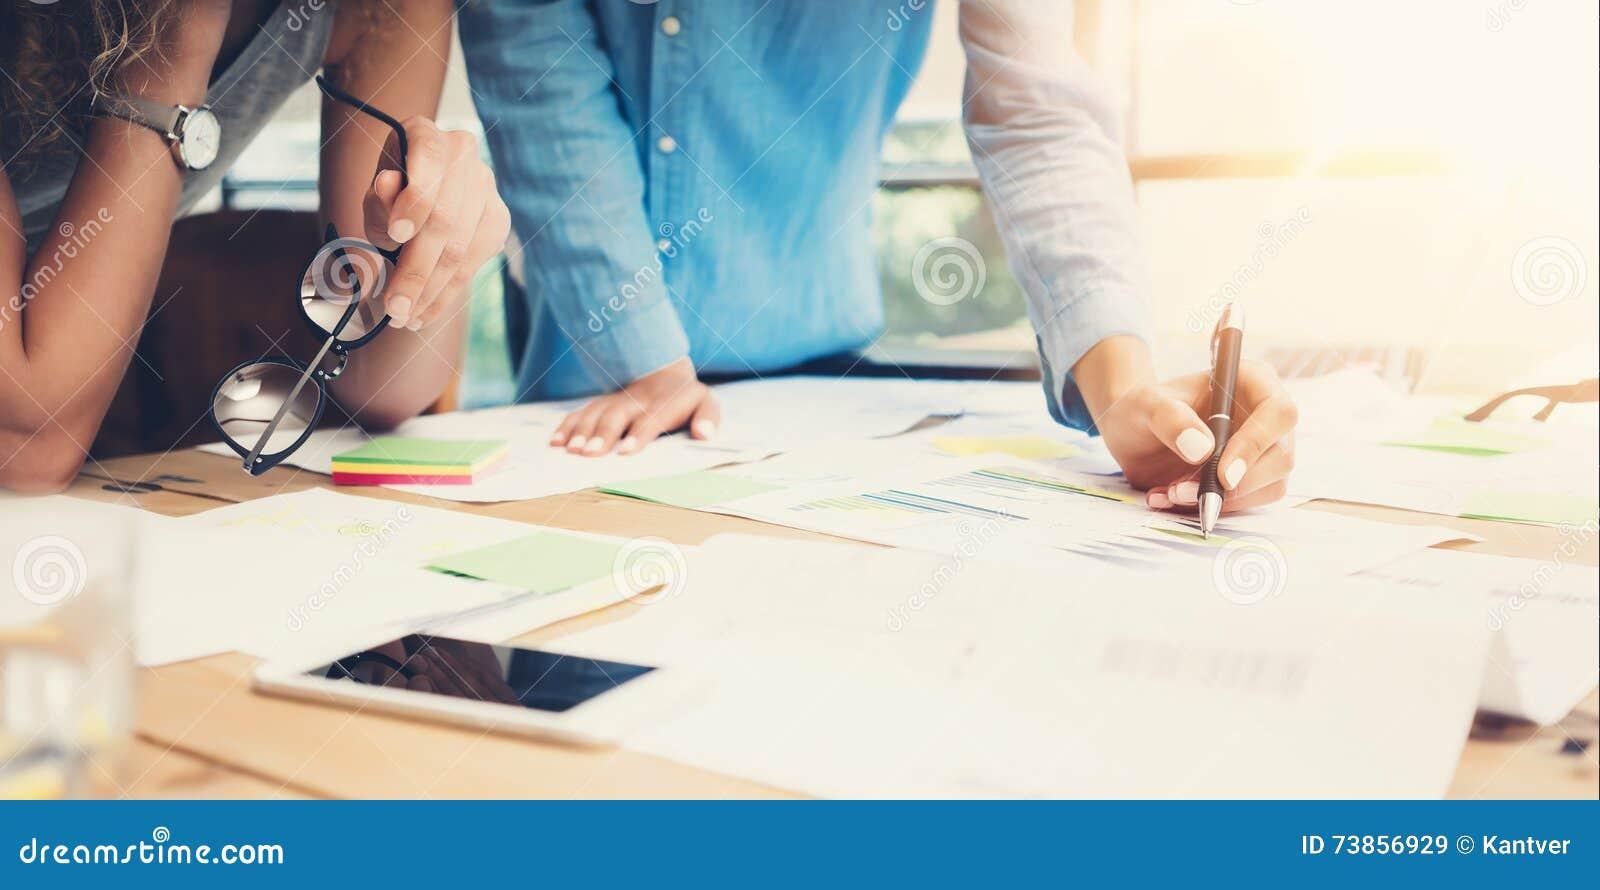 Mitarbeiter-Arbeitsprozess-moderner Büro-Dachboden Kundenbetreuer Team Produce New Idea Project Junge Geschäfts-Mannschafts-Funkt